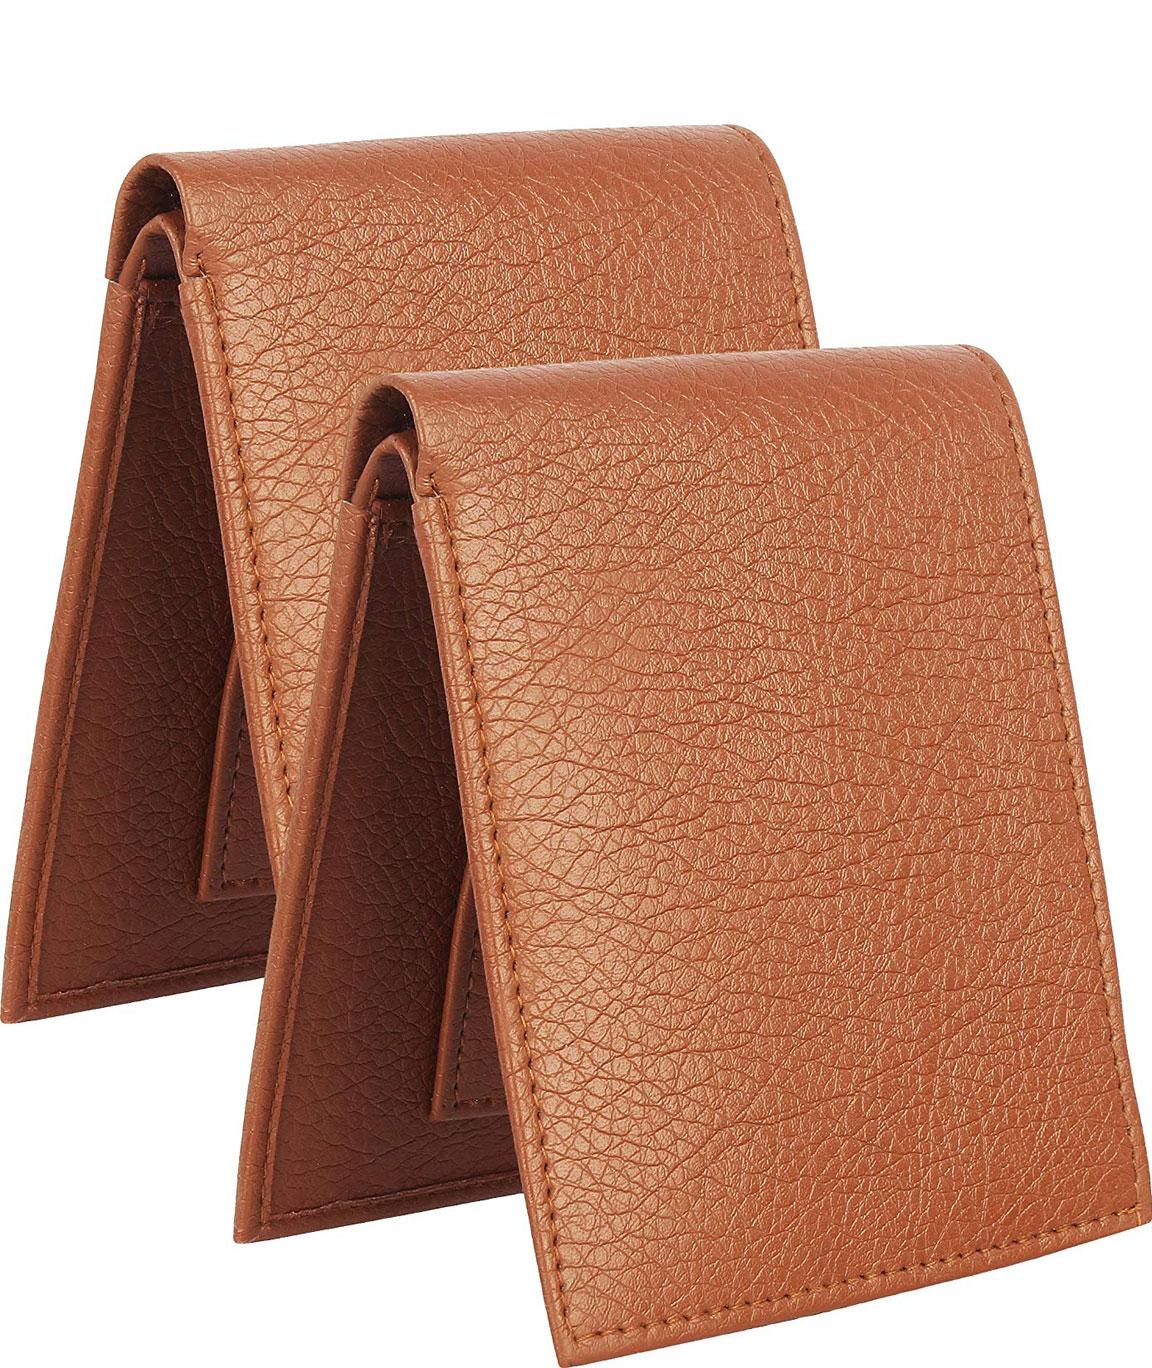 Urban Alfami Mens Wallet (Tan 2 pcs)